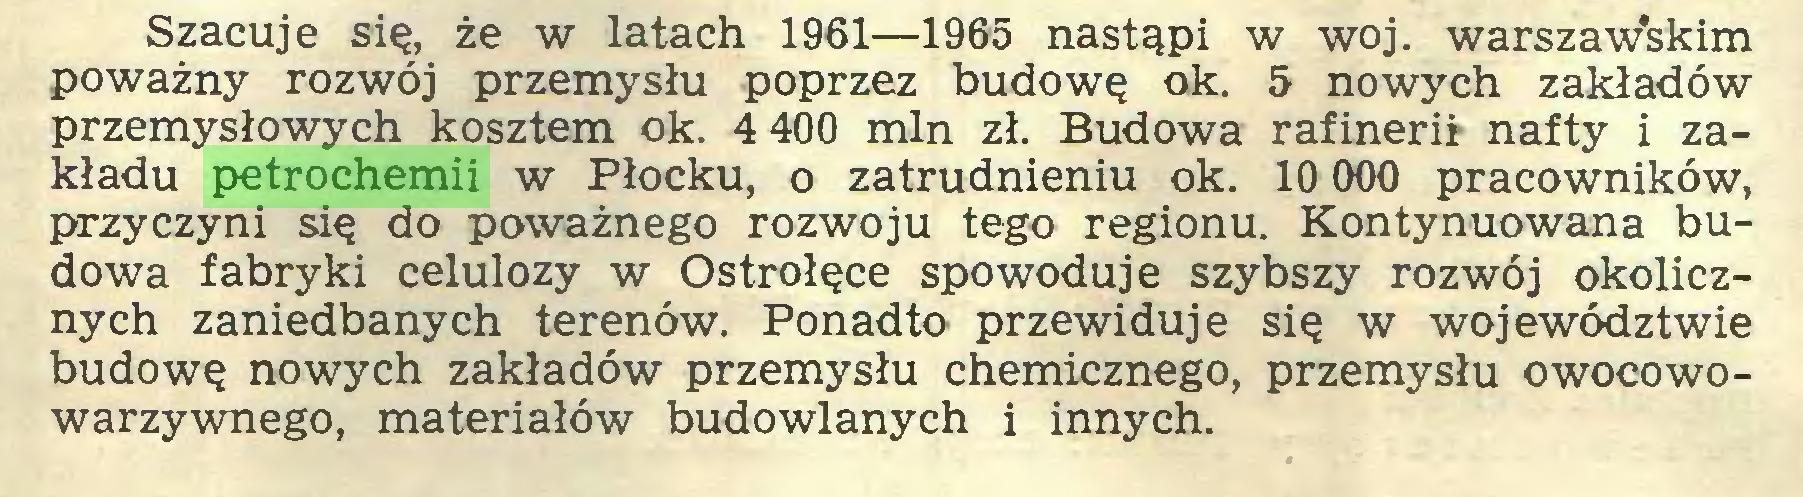 (...) Szacuje się, że w latach 1961—1965 nastąpi w woj. warszawskim poważny rozwój przemysłu poprzez budowę ok. 5 nowych zakładów przemysłowych kosztem ok. 4 400 min zł. Budowa rafinerii nafty i zakładu petrochemii w Płocku, o zatrudnieniu ok. 10 000 pracowników, przyczyni się do poważnego rozwoju tego regionu. Kontynuowana budowa fabryki celulozy w Ostrołęce spowoduje szybszy rozwój okolicznych zaniedbanych terenów. Ponadto przewiduje się w województwie budowę nowych zakładów przemysłu chemicznego, przemysłu owocowowarzywnego, materiałów budowlanych i innych...